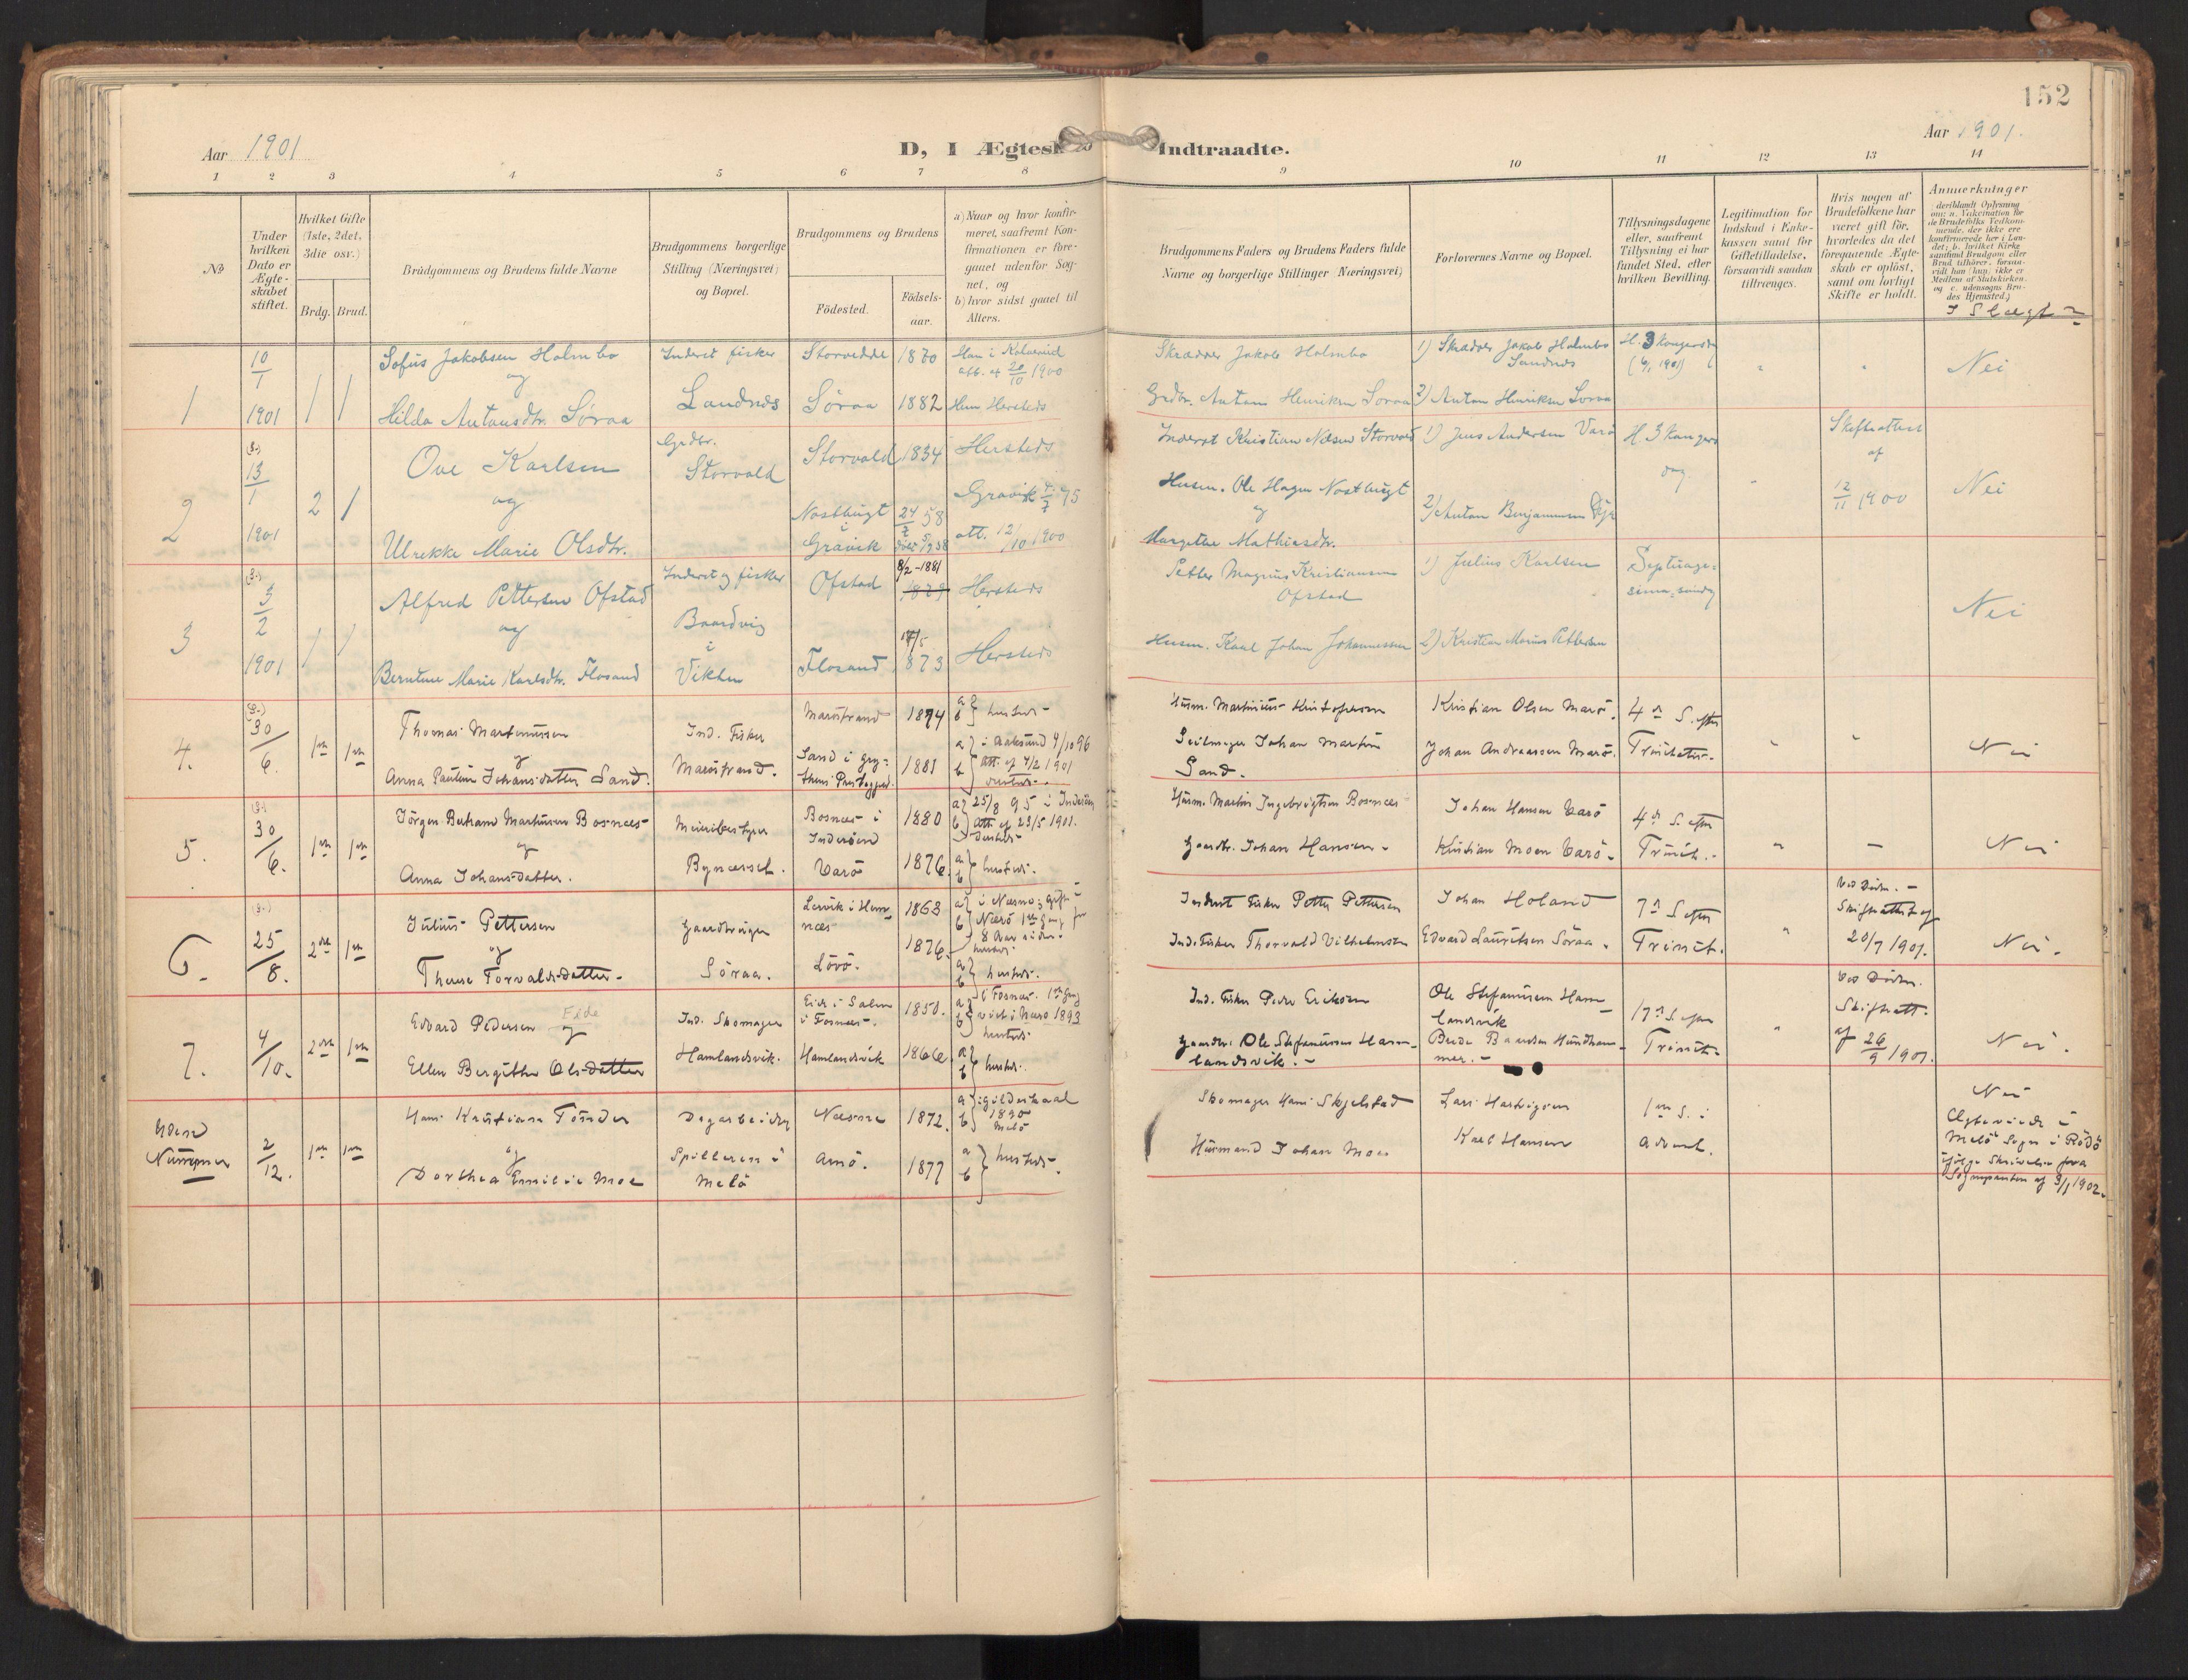 SAT, Ministerialprotokoller, klokkerbøker og fødselsregistre - Nord-Trøndelag, 784/L0677: Ministerialbok nr. 784A12, 1900-1920, s. 152